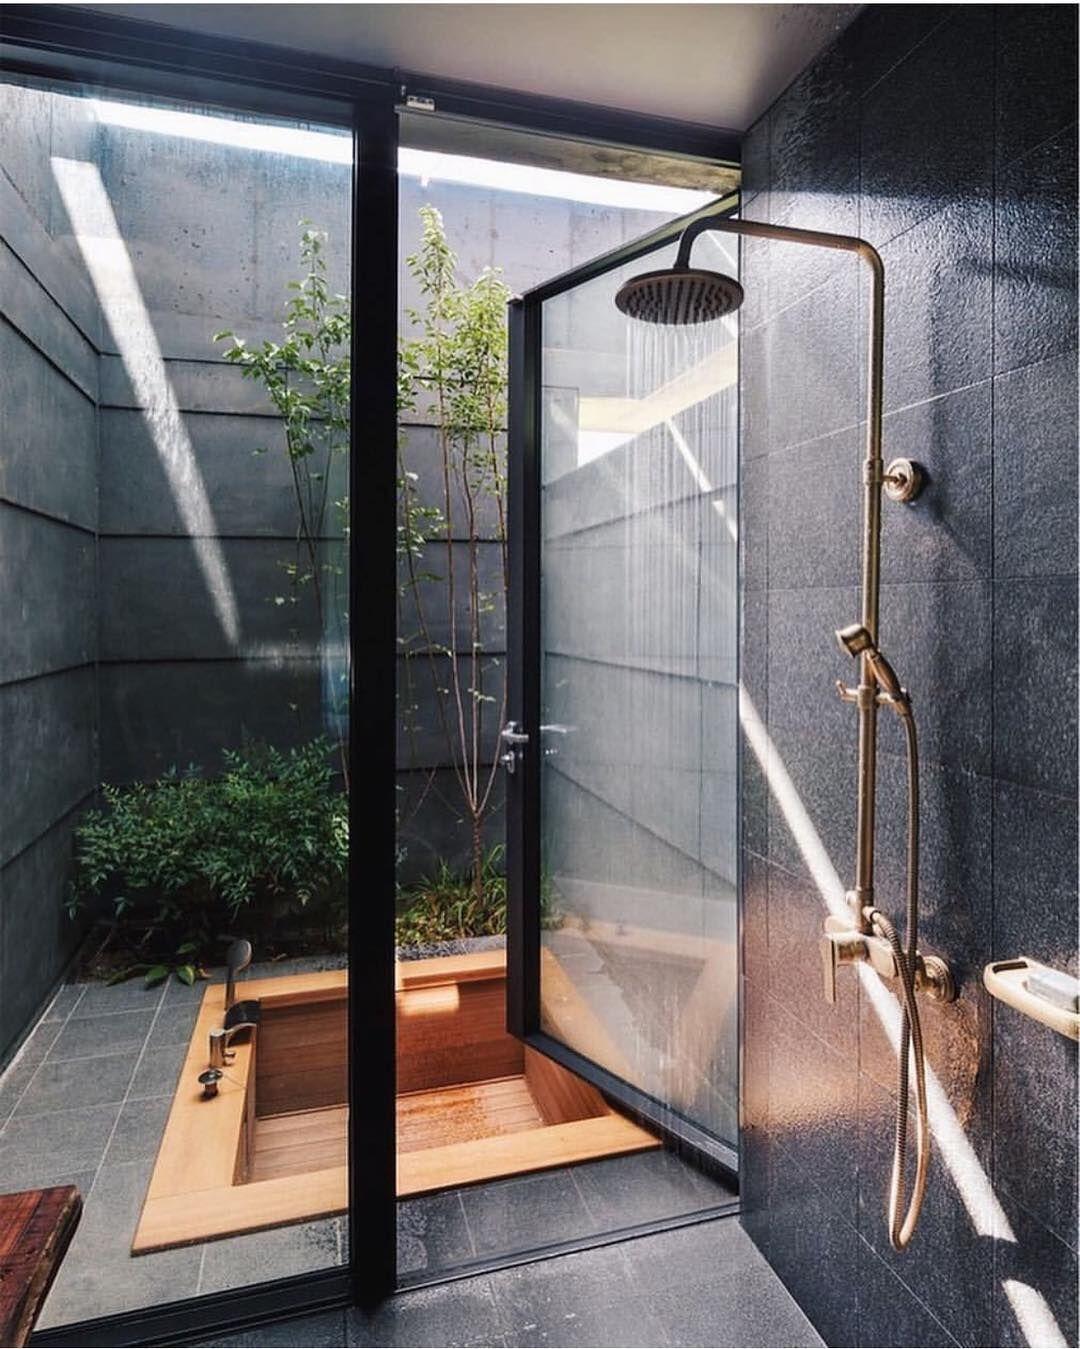 رايكم ديكور ديكورات ديكورات داخليه ديزاين ديكورات خشبية ديكورات فخمه Indoor Outdoor Bathroom Outdoor Bathrooms Home Interior Design